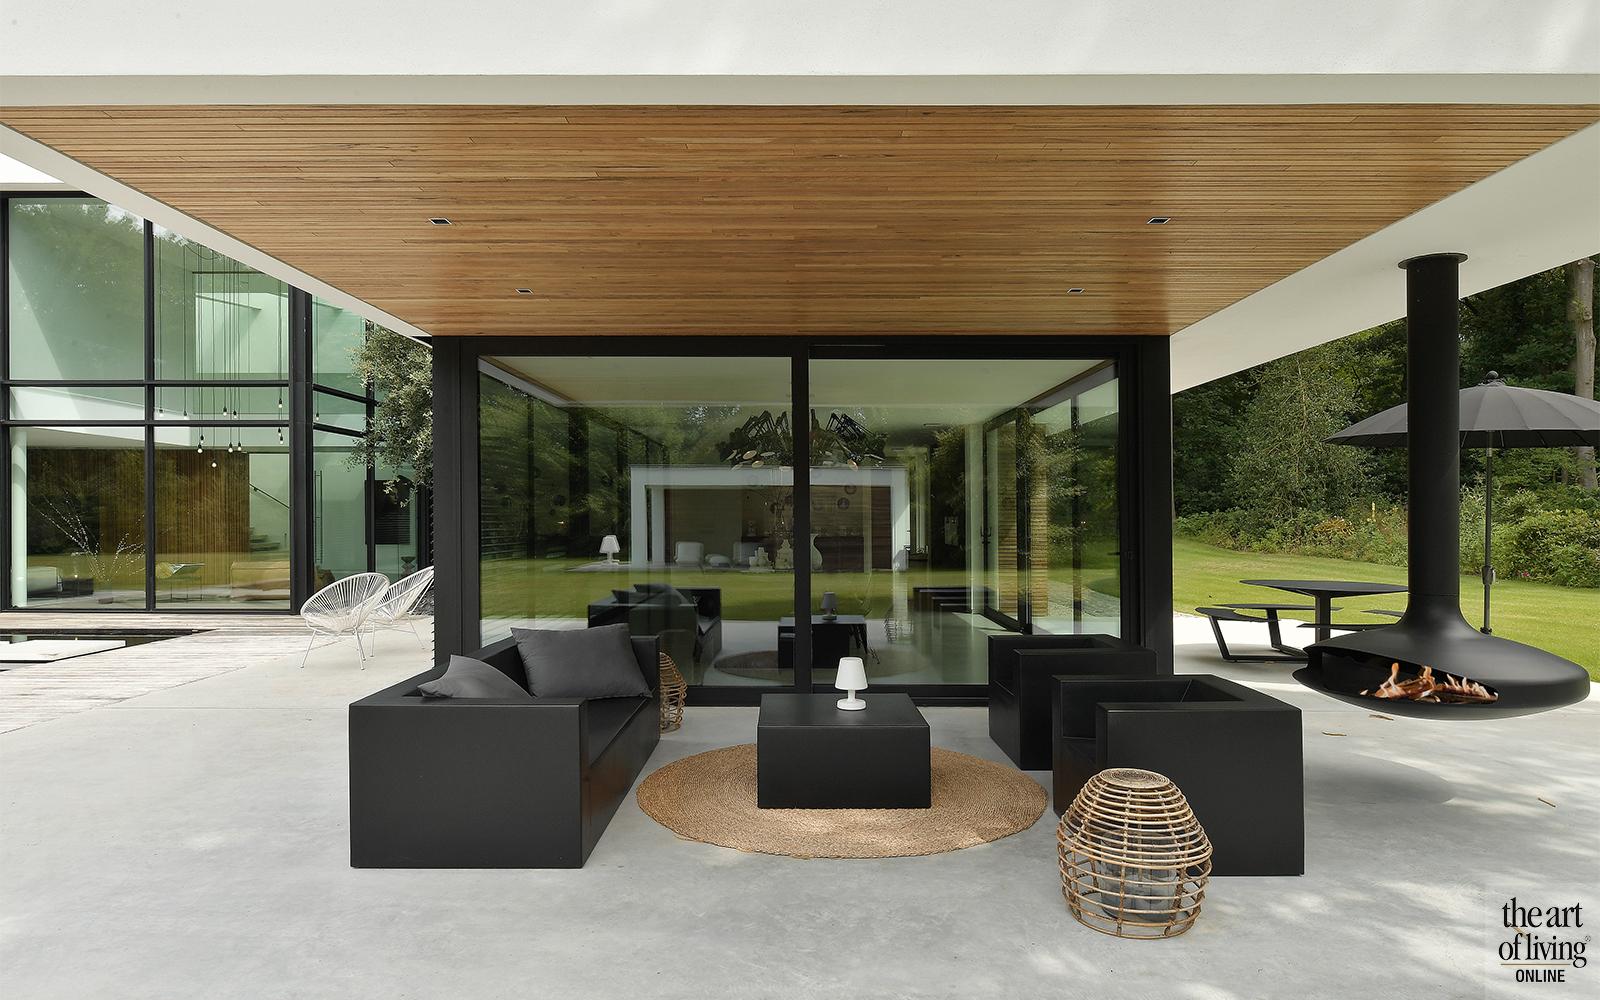 Terrasoverkapping, Inspiratie, Tuin inspiratie, Exterieur, Tuinen, Terras, Villa